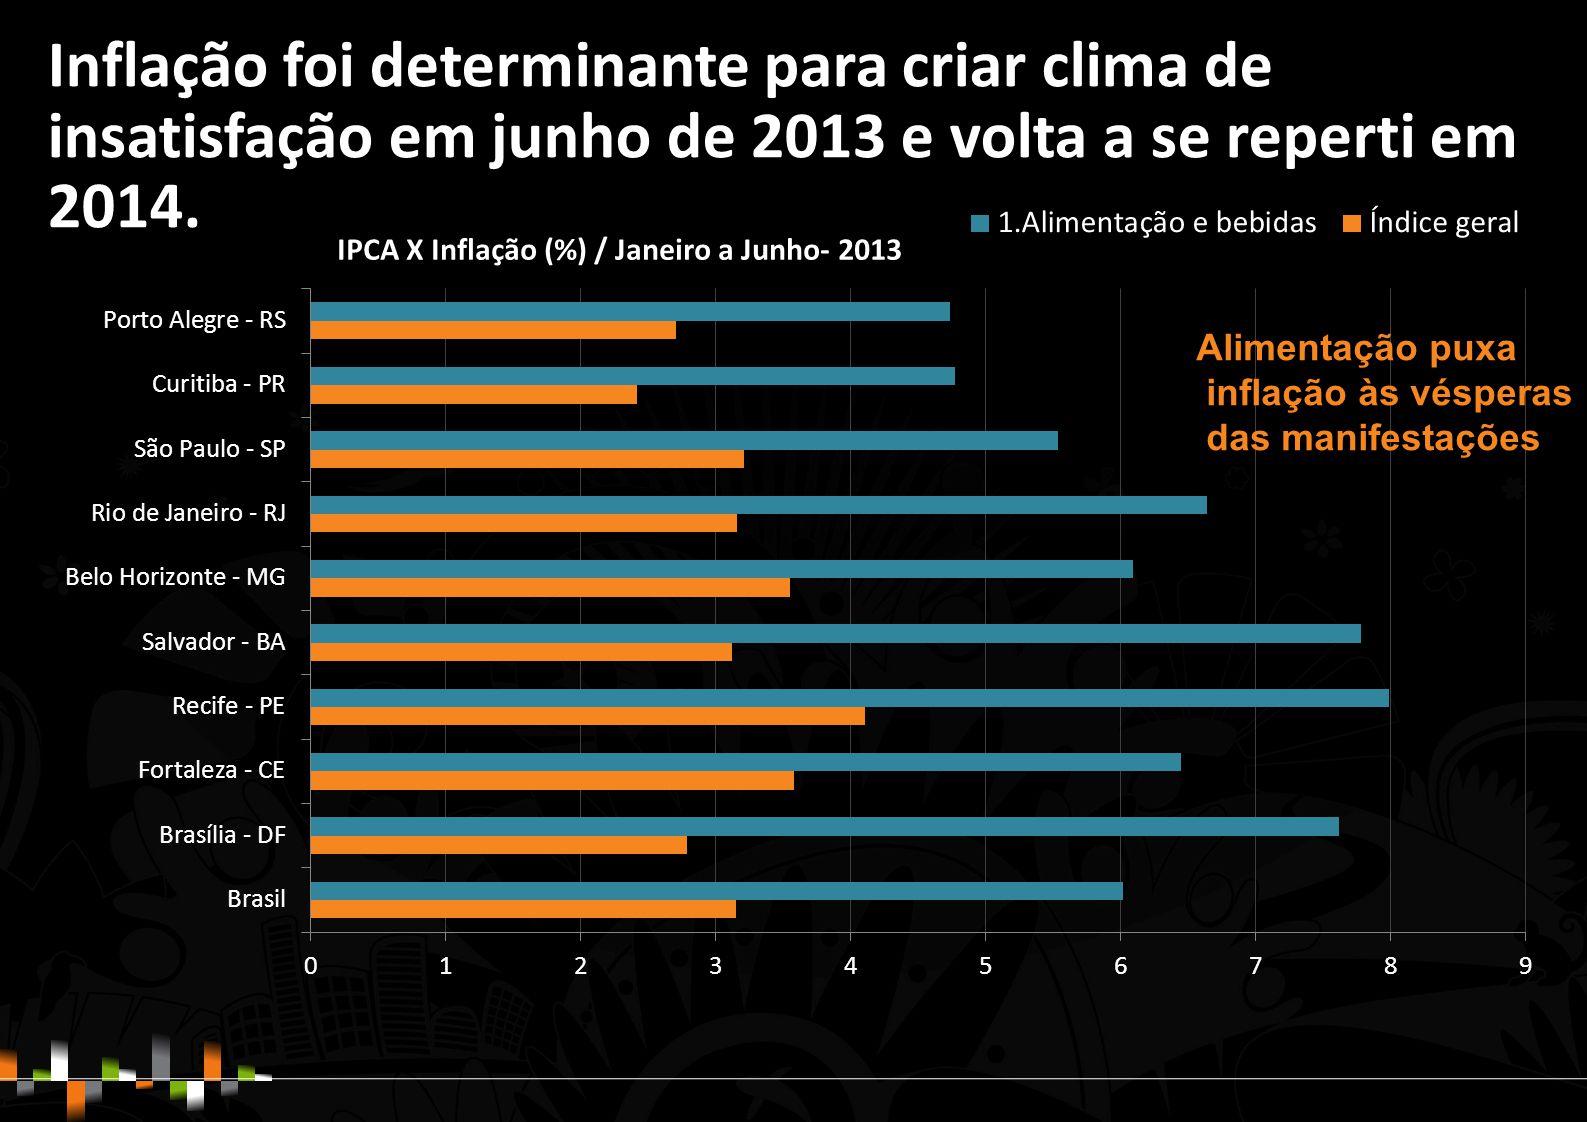 Inflação foi determinante para criar clima de insatisfação em junho de 2013 e volta a se reperti em 2014.